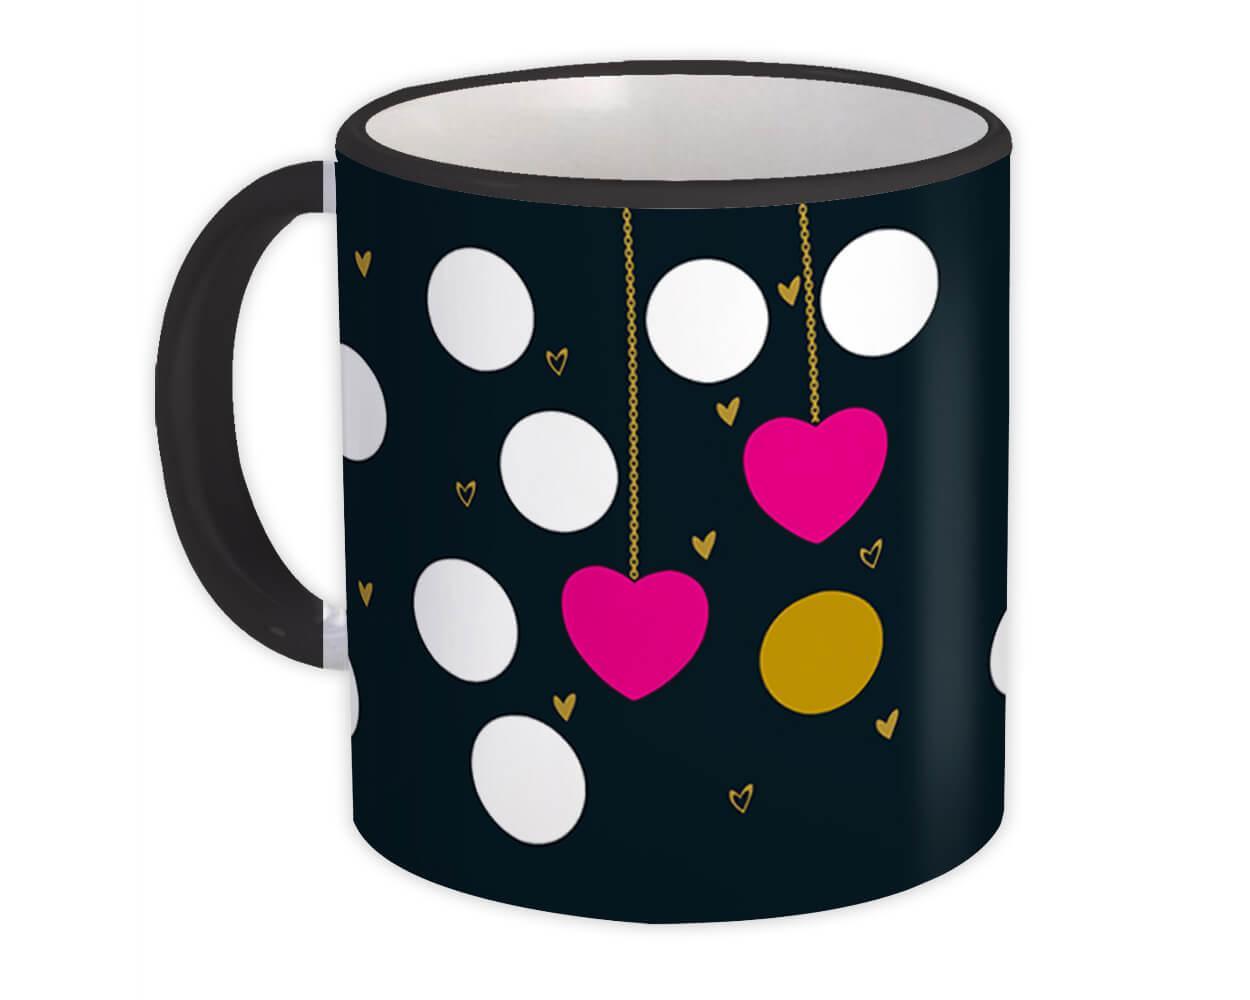 Hearts : Gift Mug Circles Decor Polka Dots Modern Contemporary Super Chic